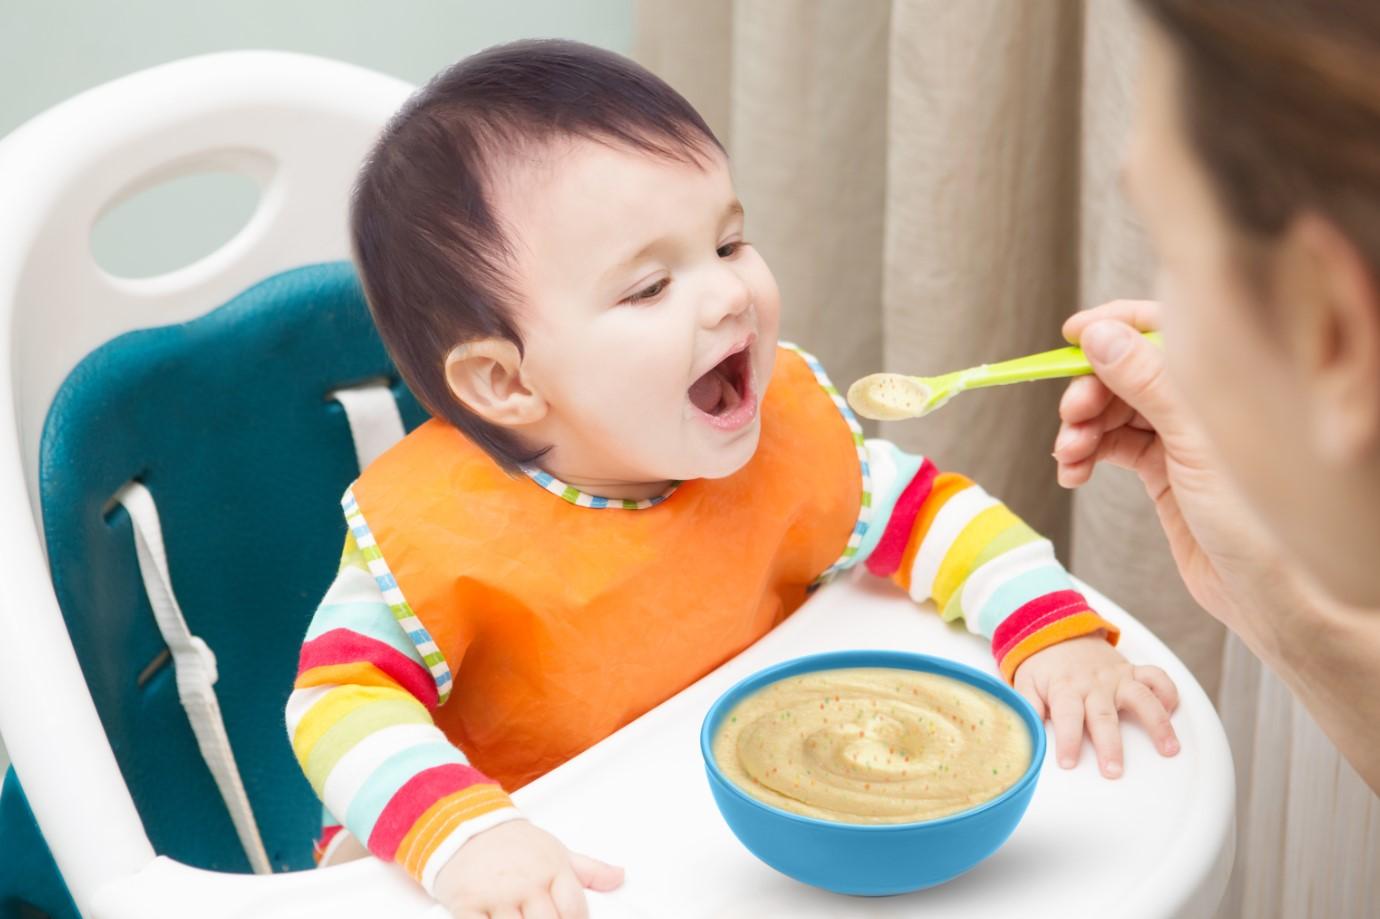 Bổ sung xơ thông qua việc bổ sung rau xanh trong thức ăn hàng ngày của trẻ